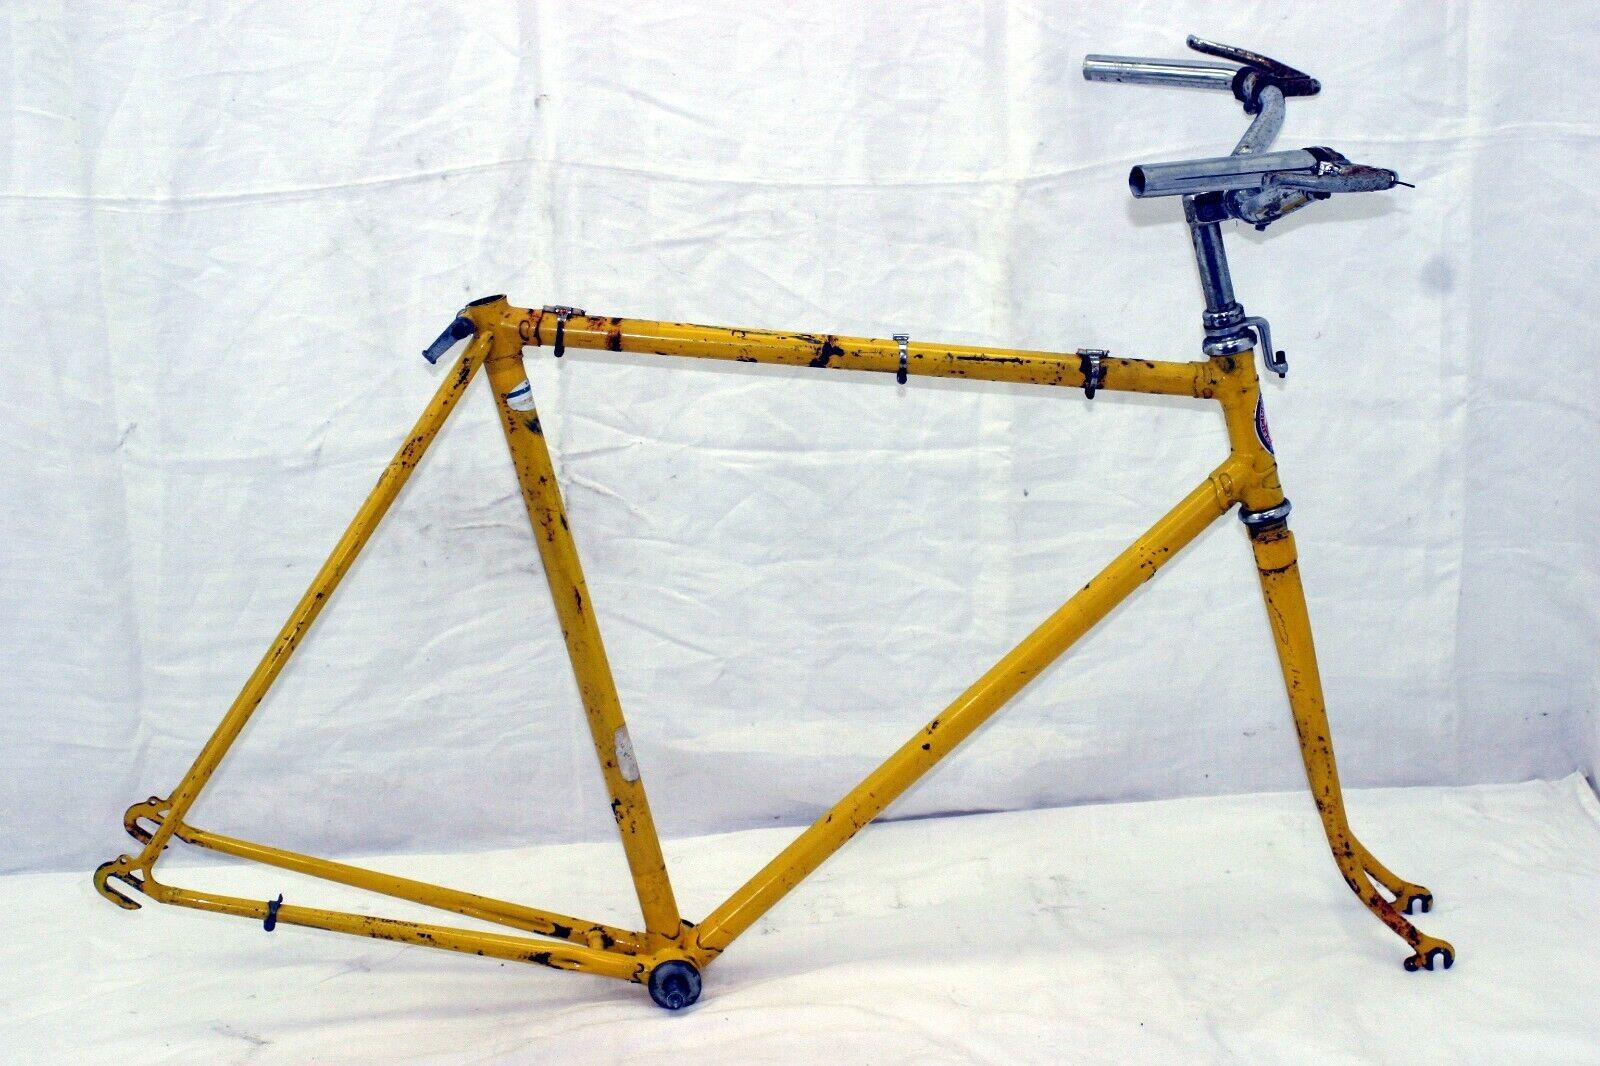 Atala Milano Vintage Cruiser Bike Cuadro M 57.5cm 27  HORQUILLA Auricular acero cahrity